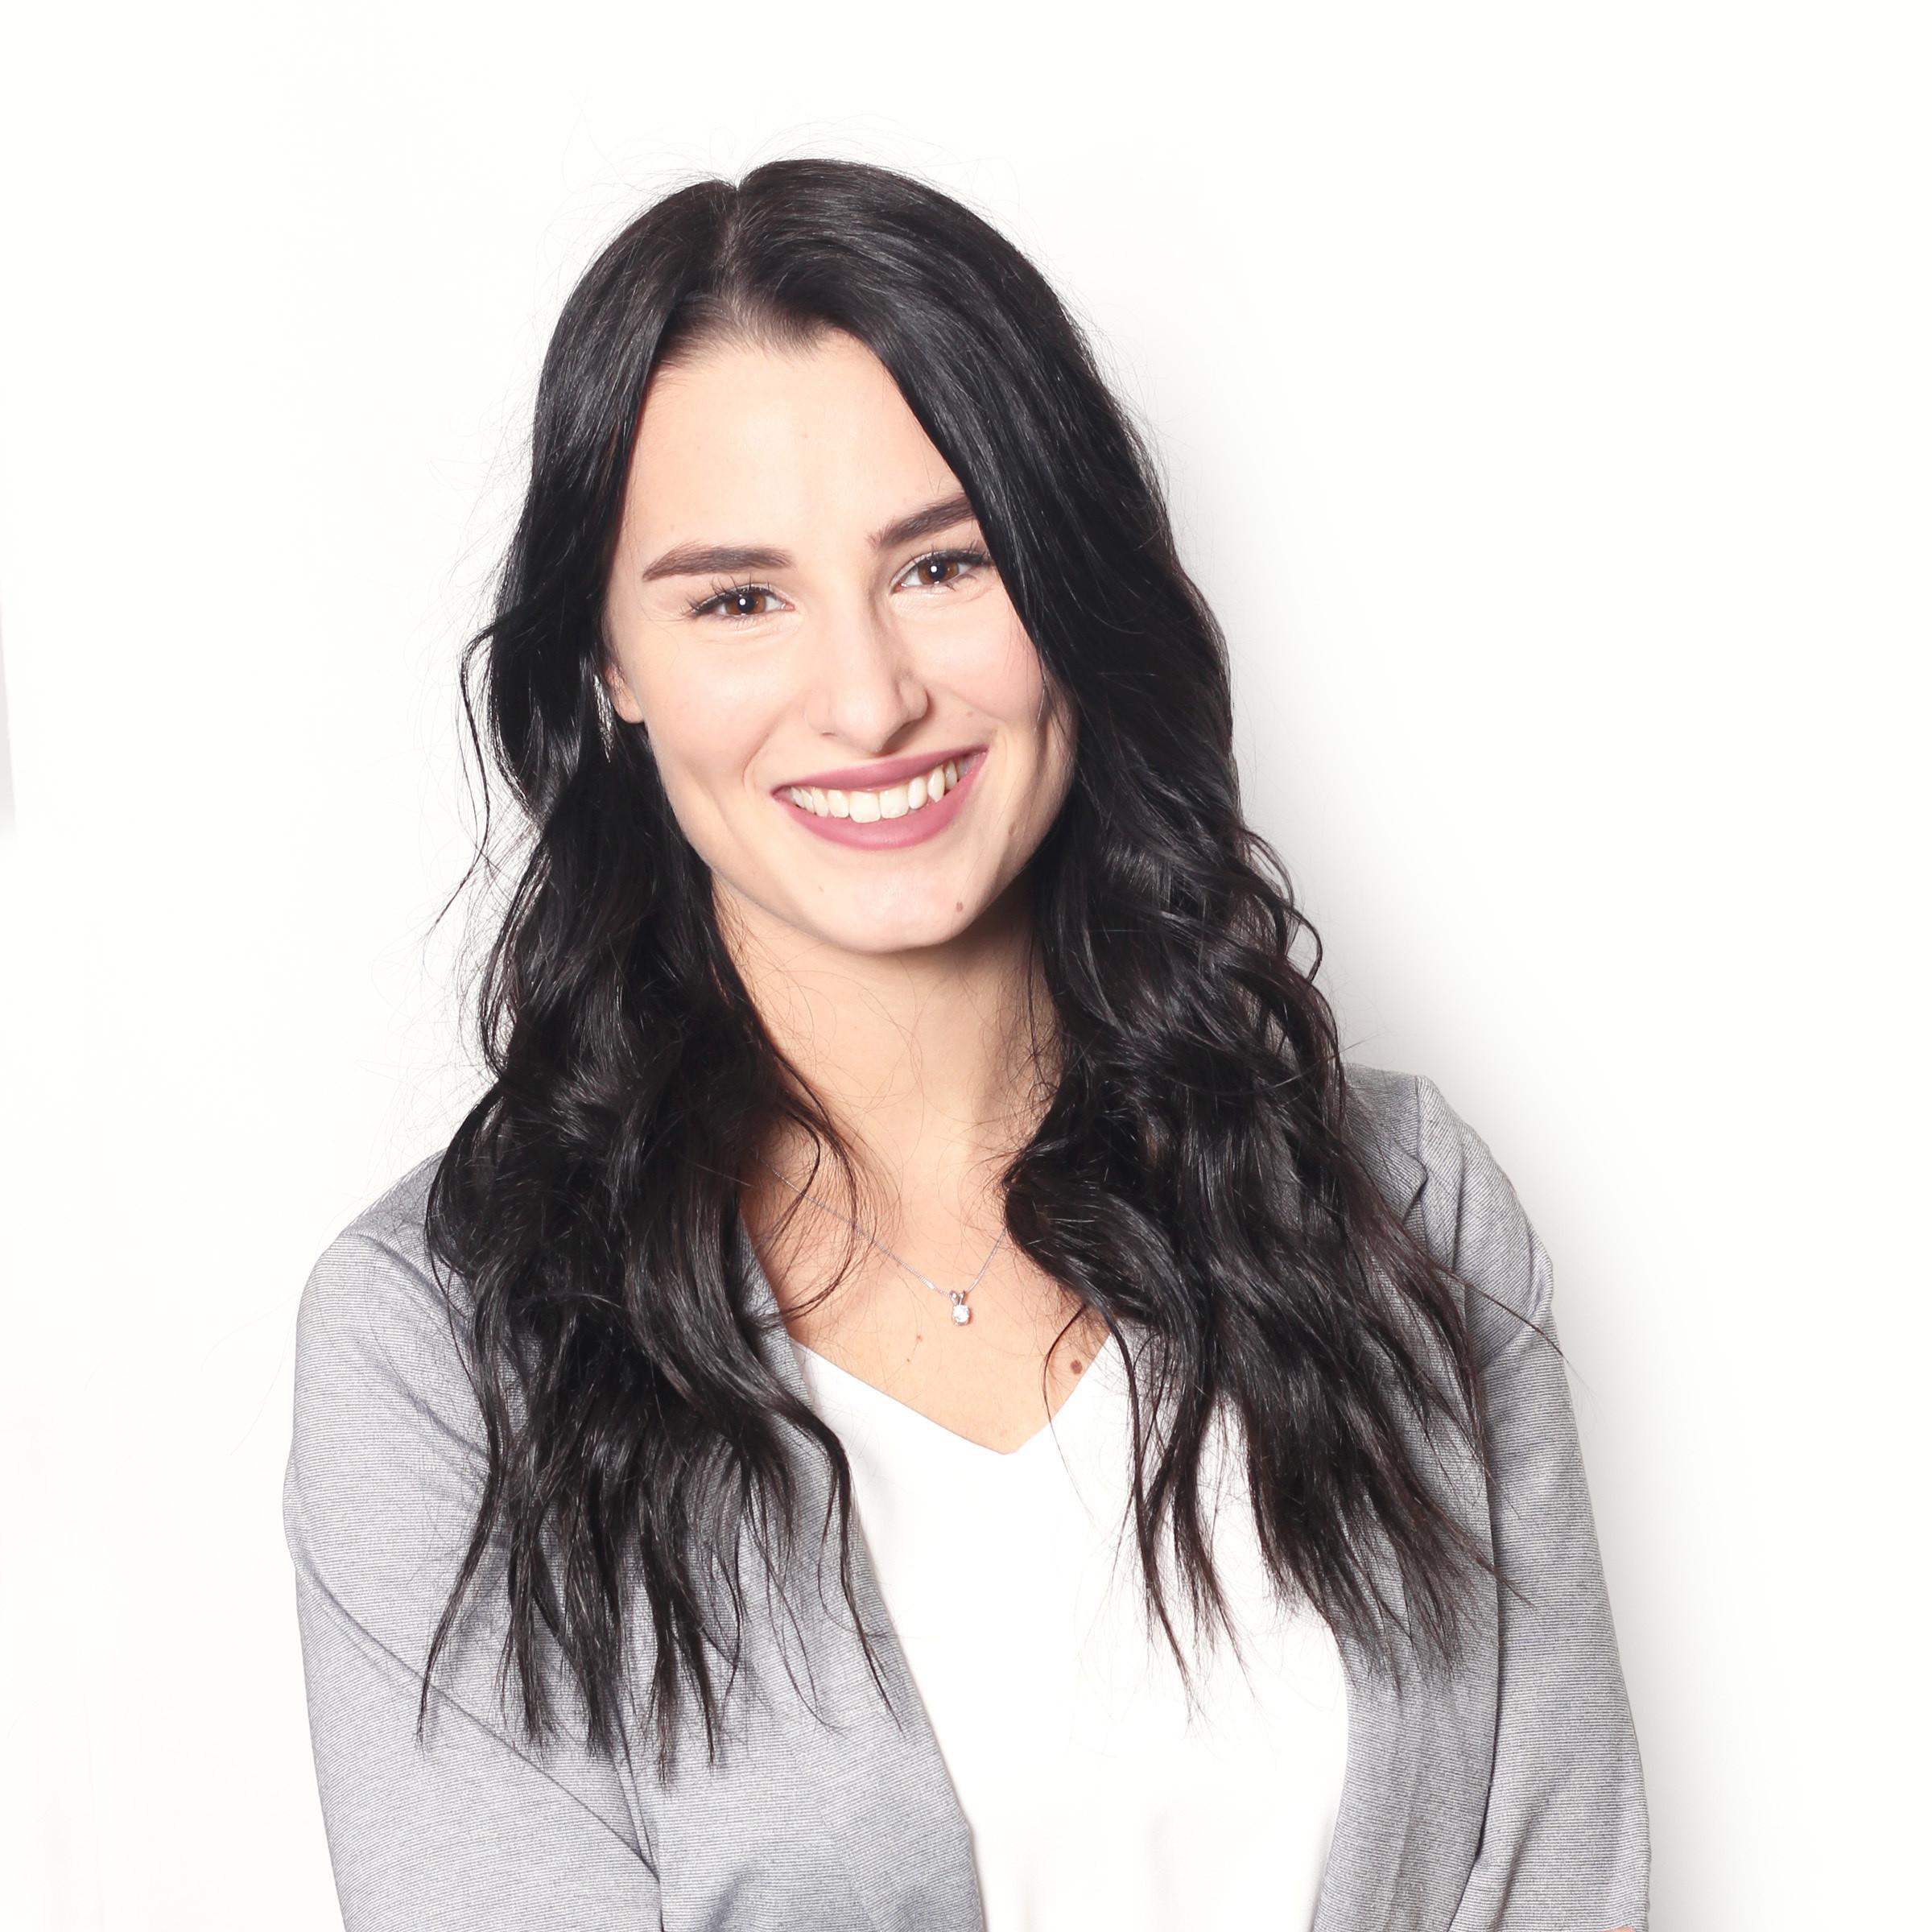 Katherine Vandal